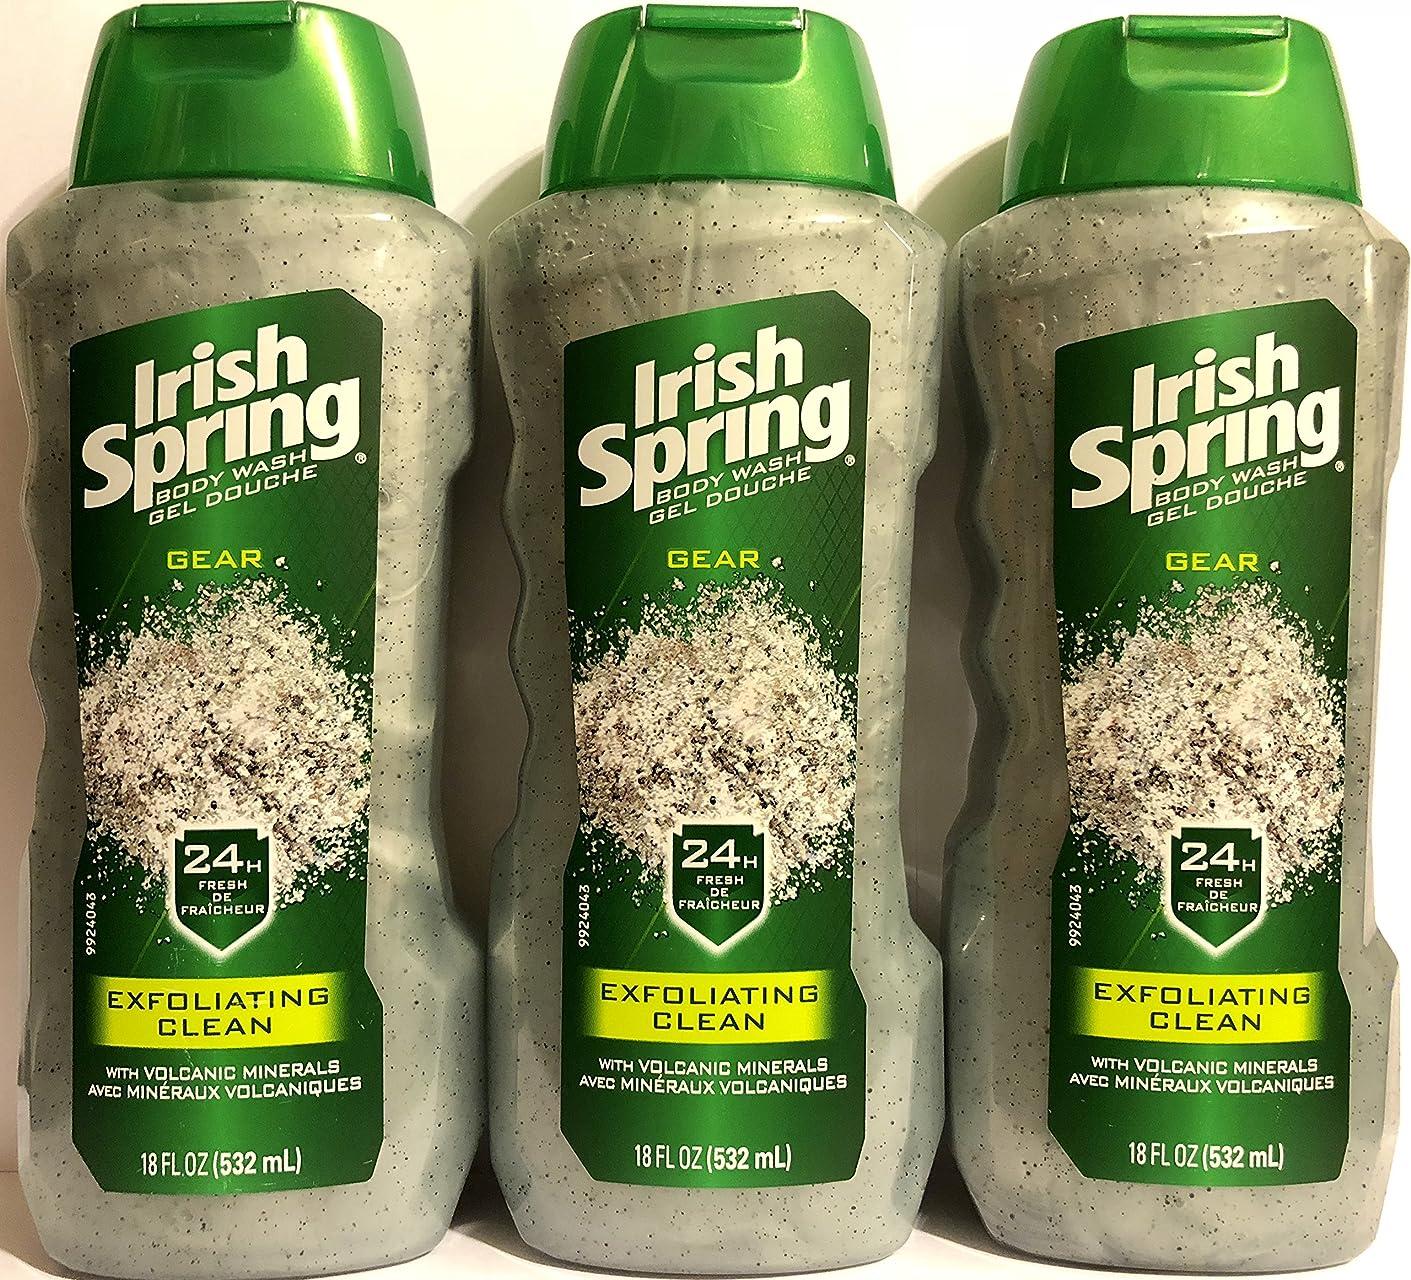 庭園トロリー無数のIrish Spring ギアボディウォッシュ - エクスフォリエイティングクリーン - 火山ミネラルを - ネット重量。ボトルパー18液量オンス(532 ml)を - 3本のボトルのパック